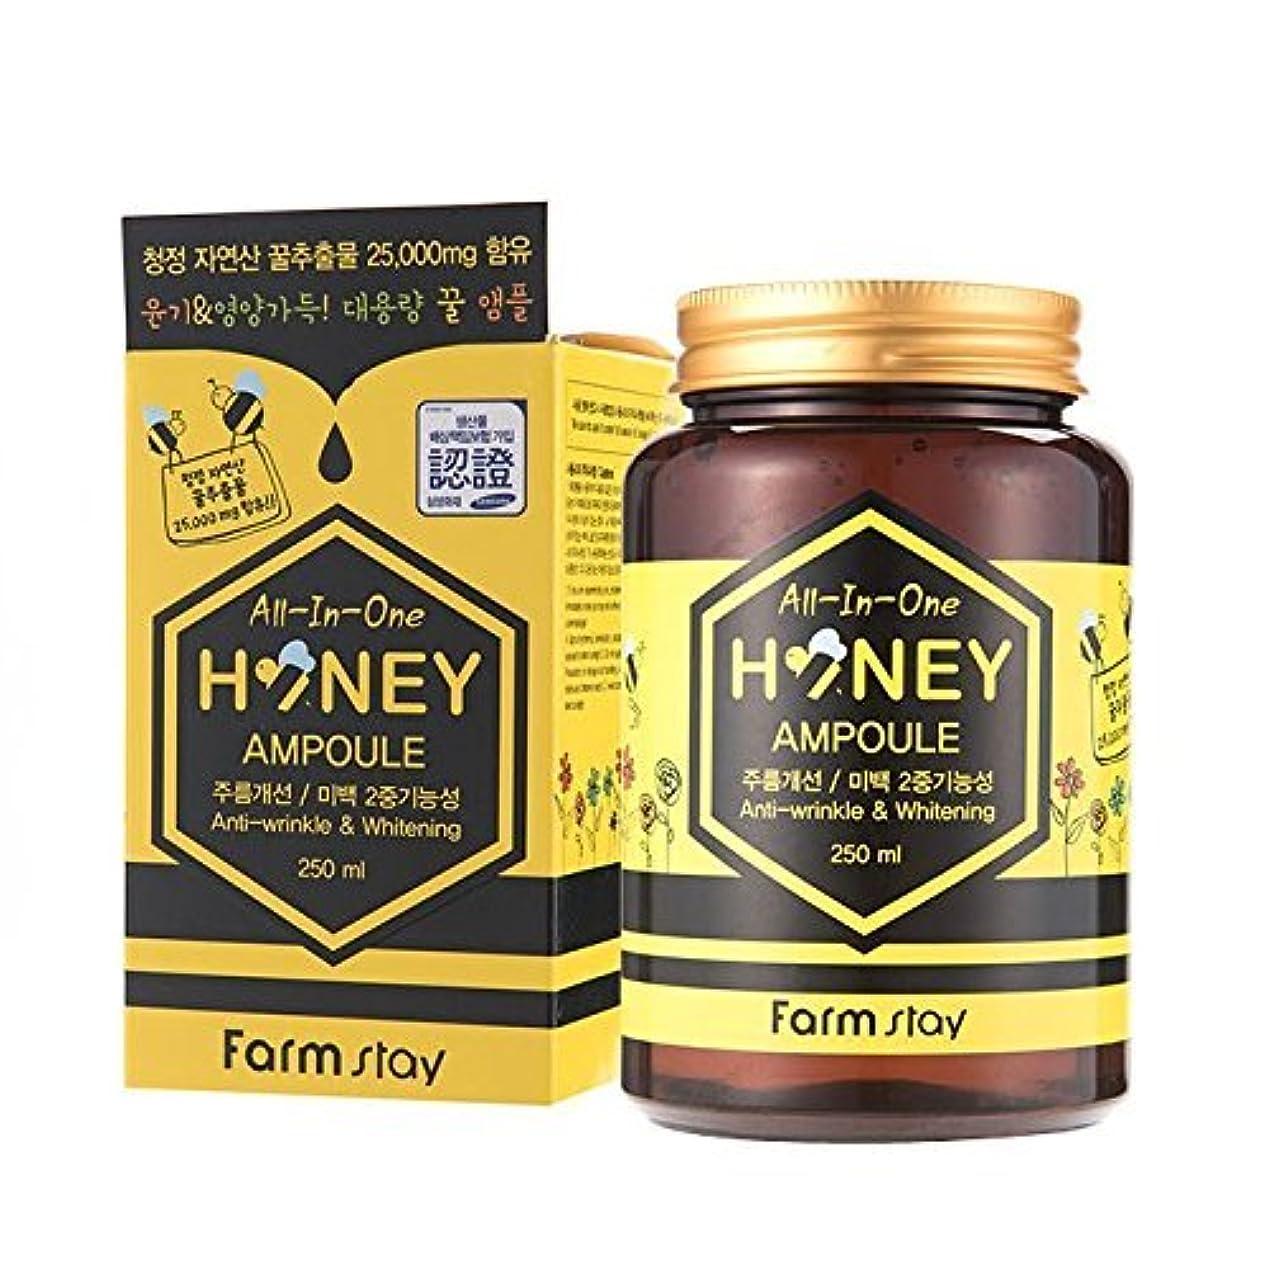 公演イライラする薄汚いファームステイ[韓国コスメFarm Stay]All In One Honey Ampoule オールインワンハニーアンプル250ml/ローヤルゼリー、プロポリス [並行輸入品]